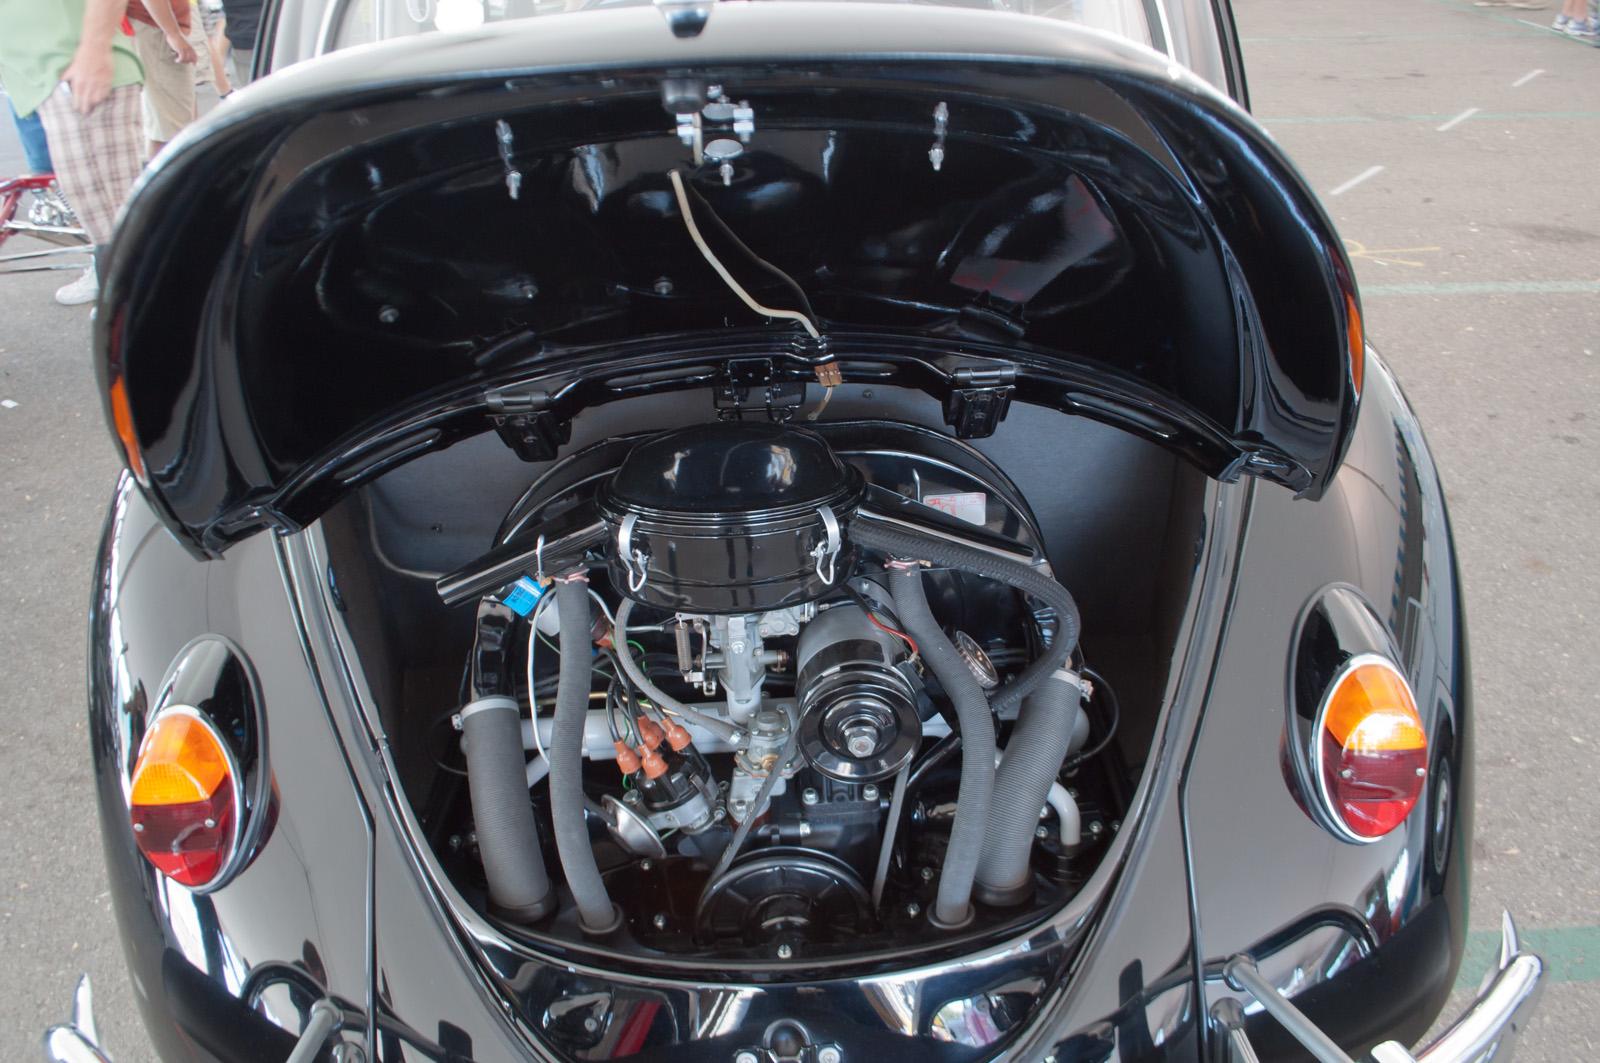 File:1967 Volkswagen Beetle - Flickr - skinnylawyer (1).jpg